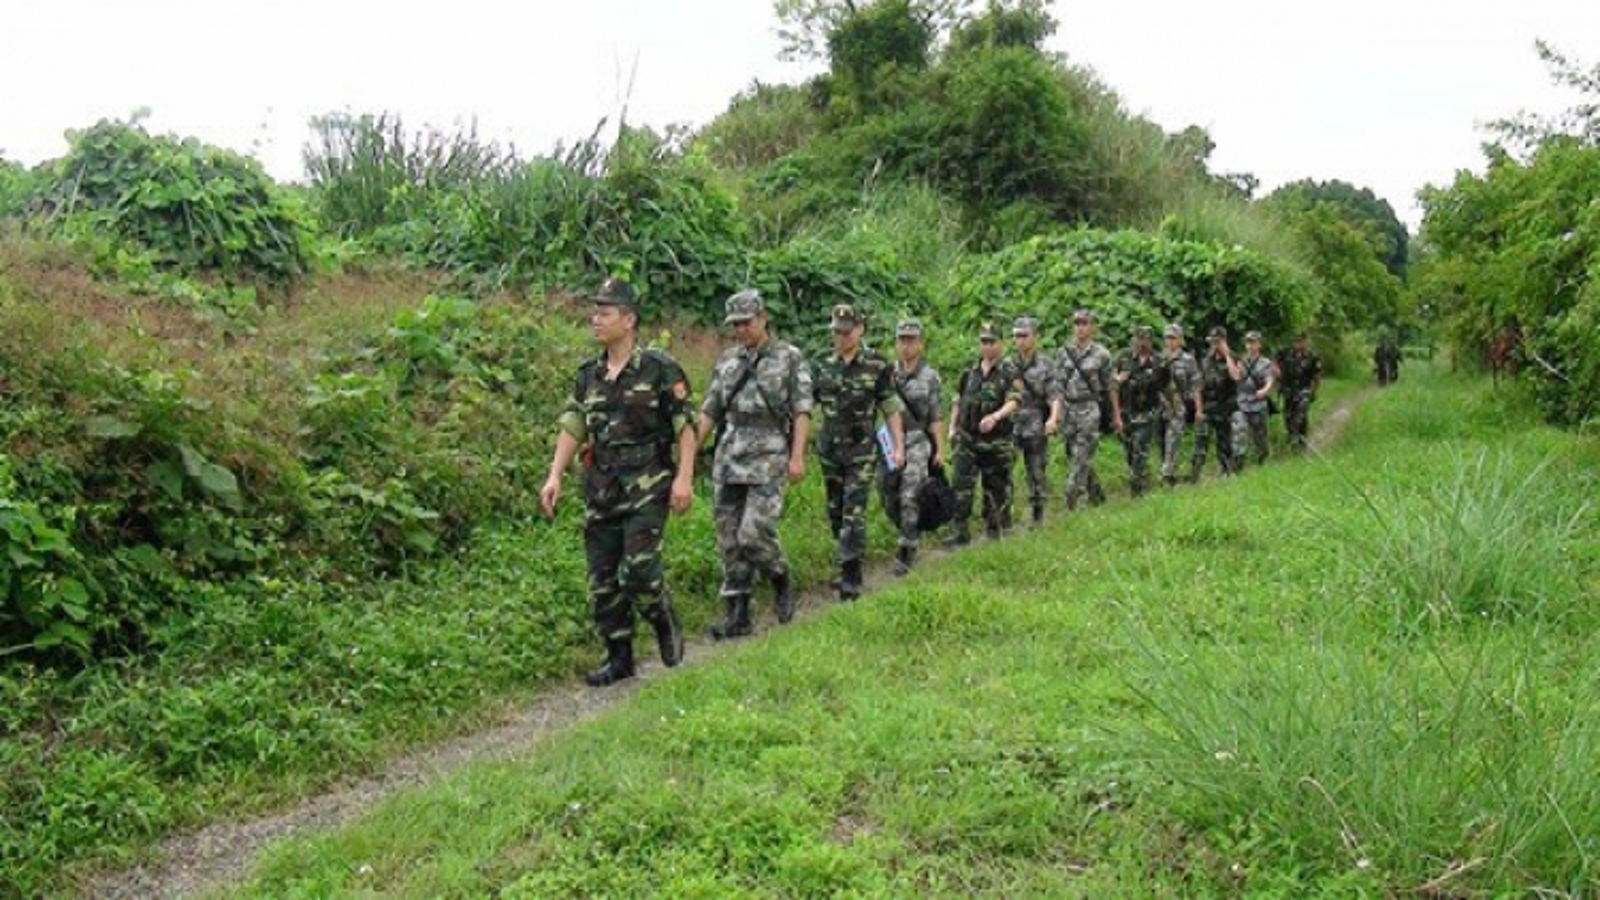 Bộ đội Biên phòng quyết tâm giữ bình yên nơi biên giới trong dịp Tết